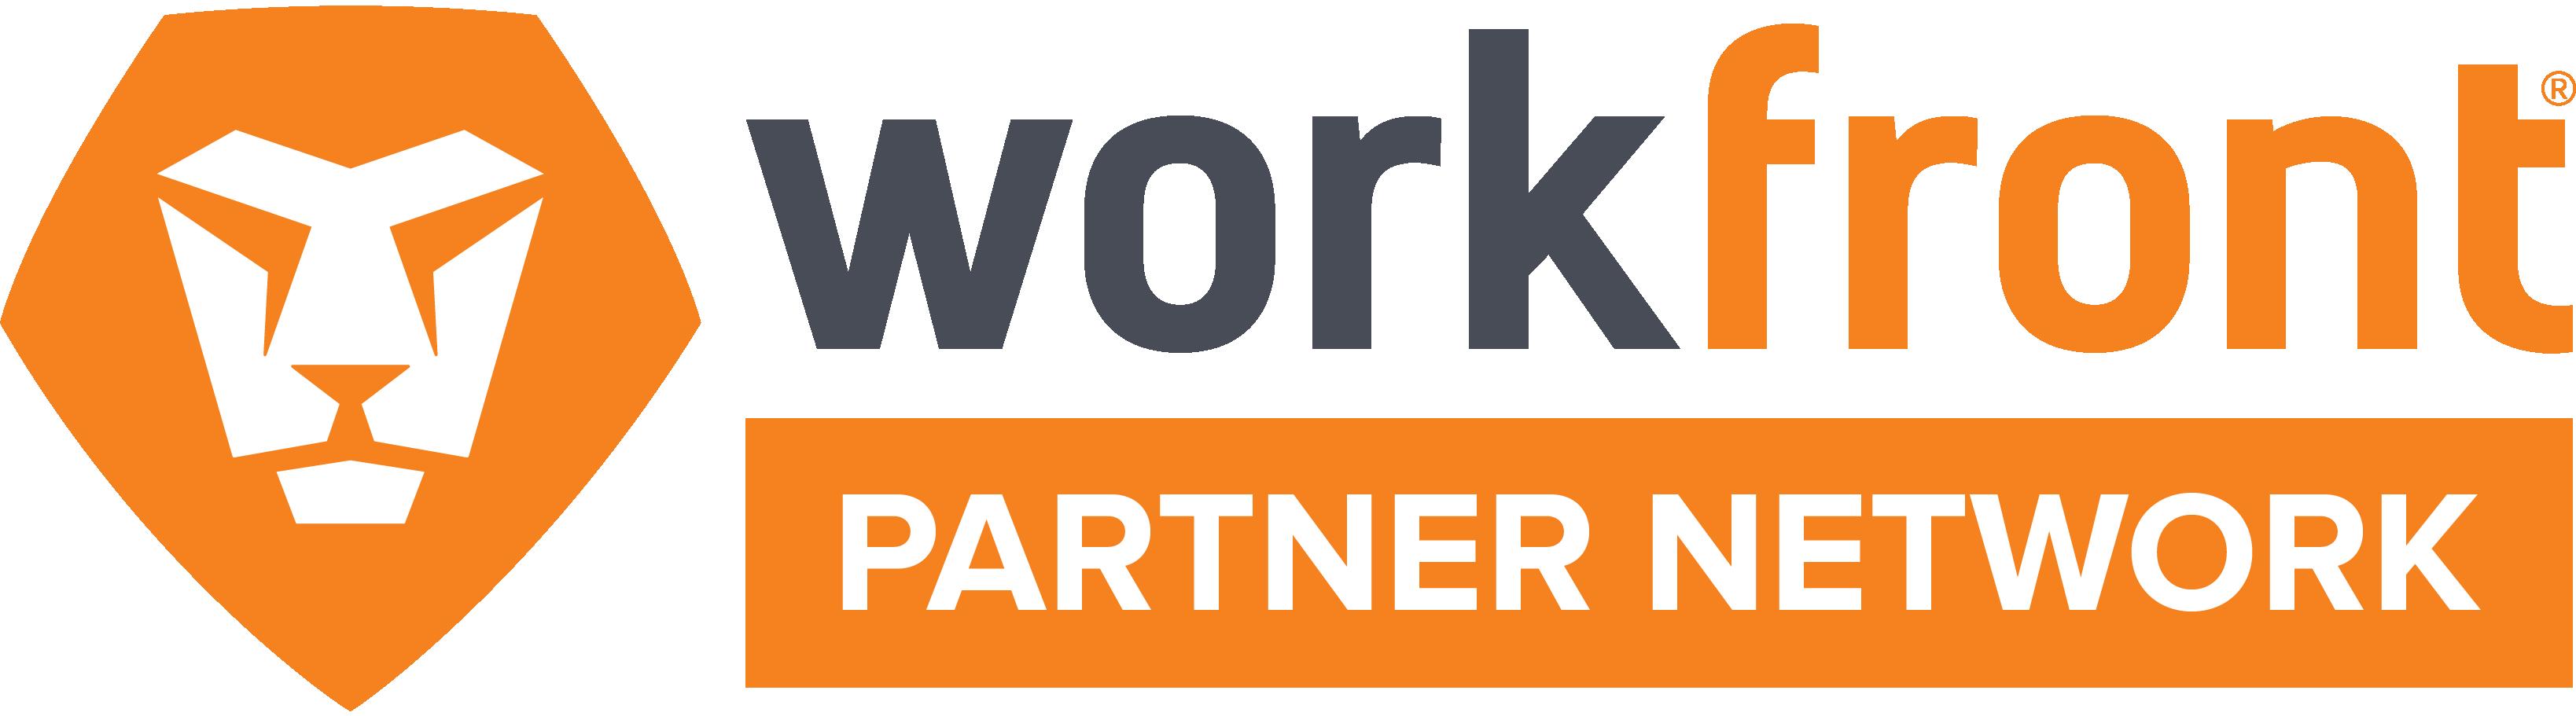 Workfront Partner Network Logo.png